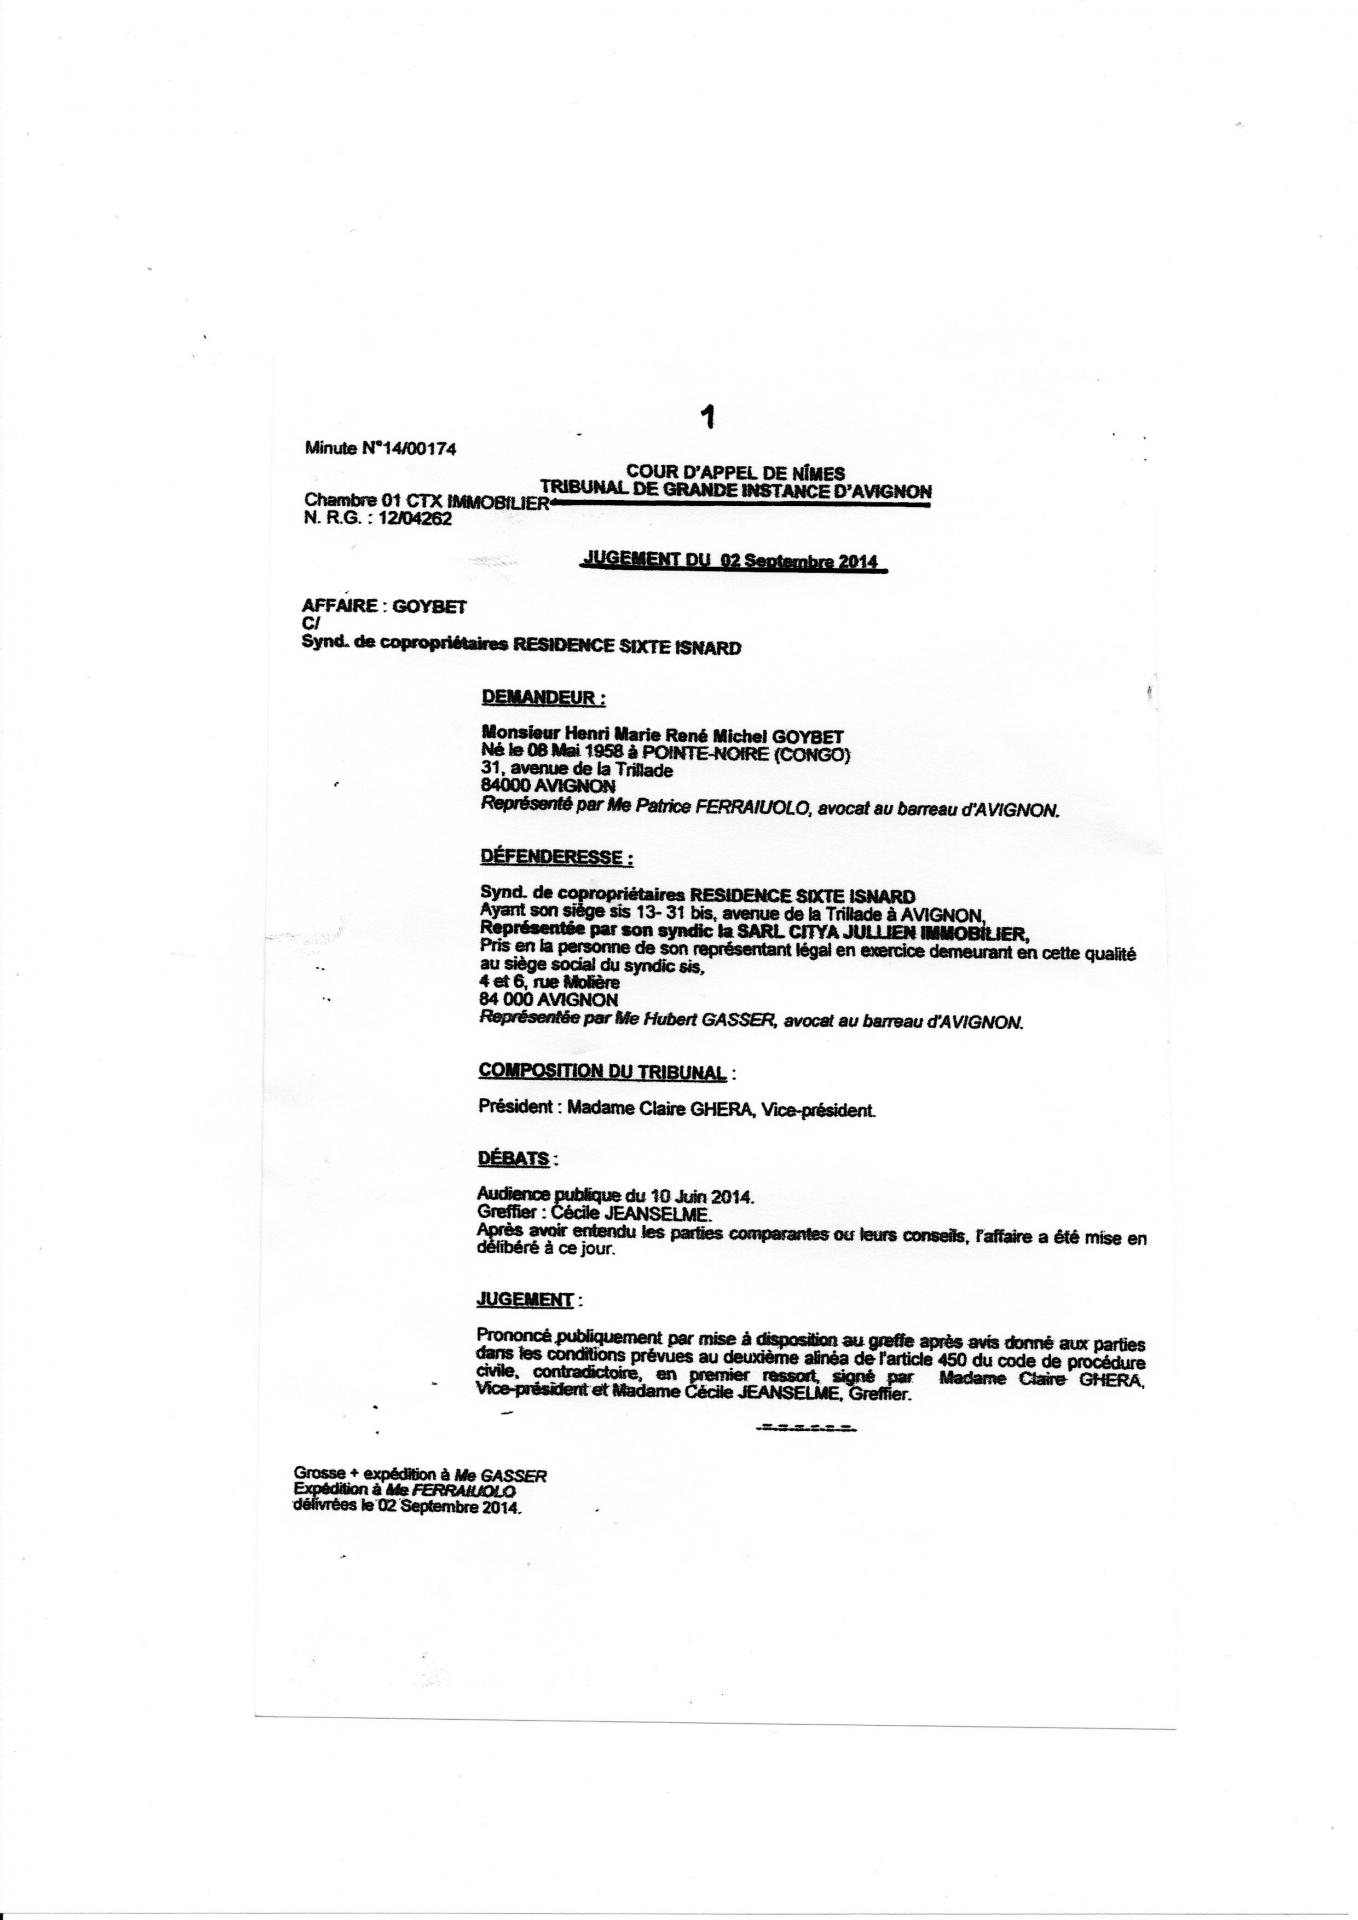 Jugement tribunal de grande instance d avignon du 2 09 2014  Page 1